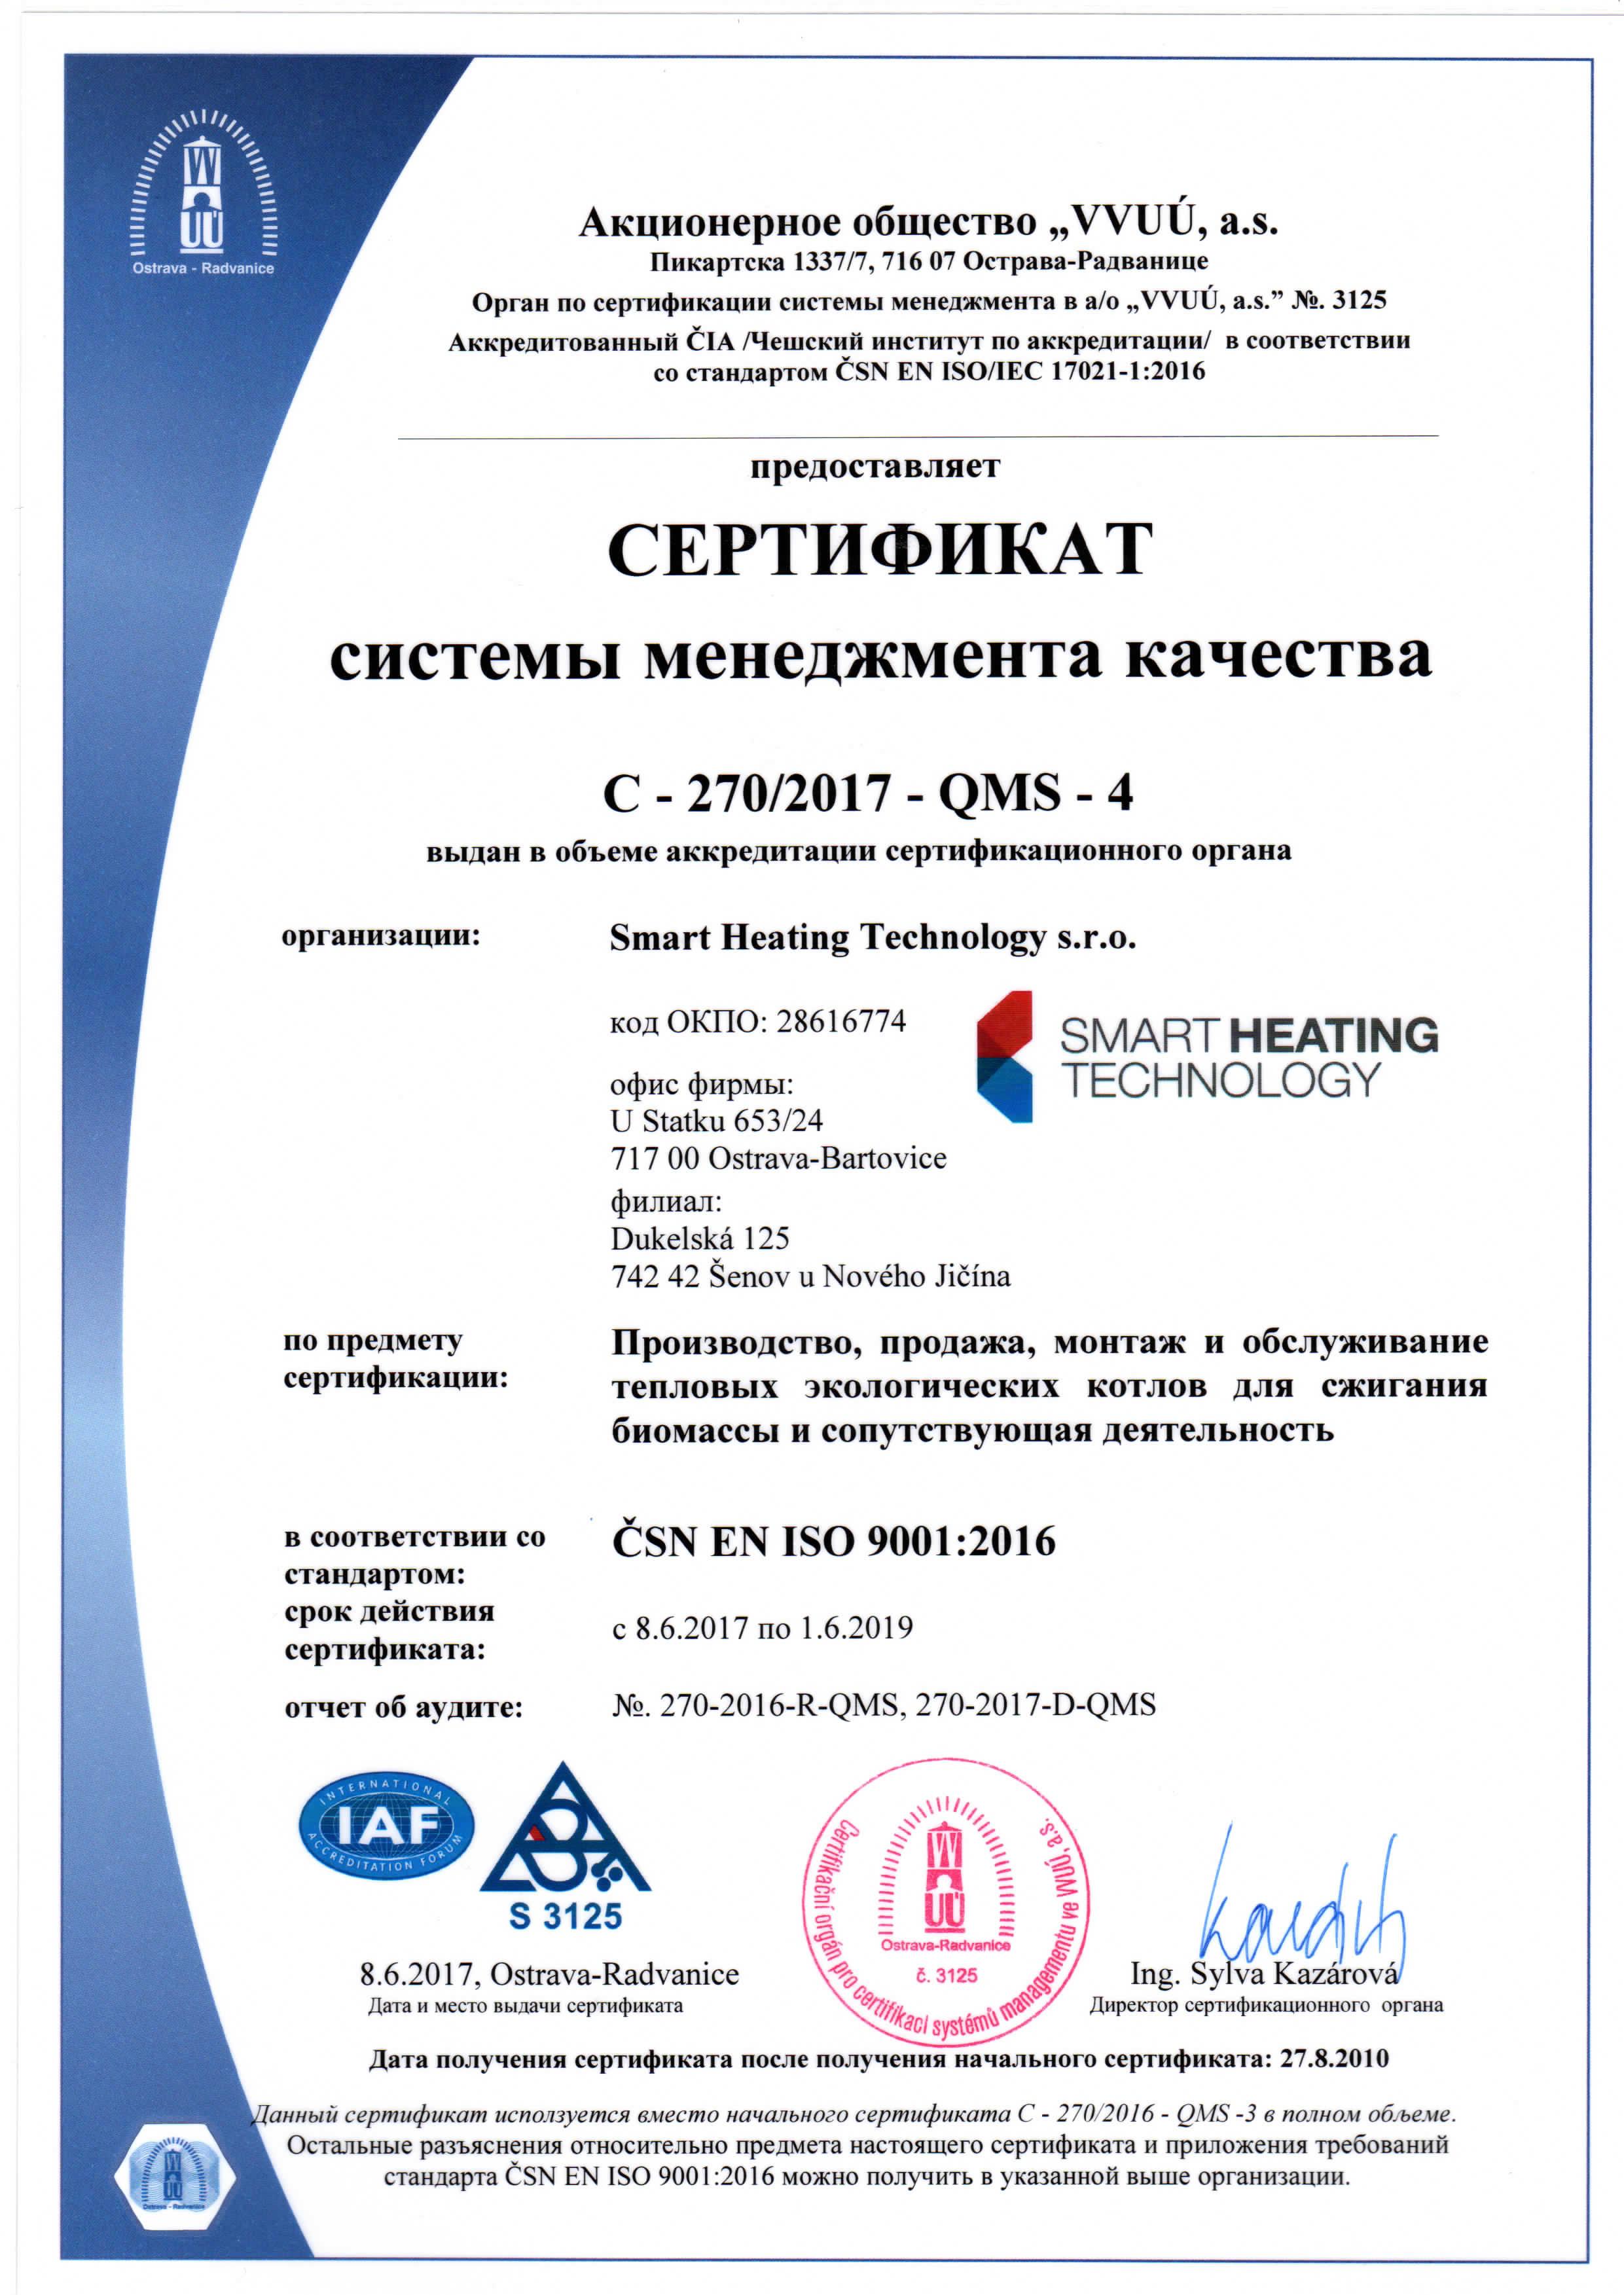 certifikat-c-270_2017-qms-4-ru_stranka_1